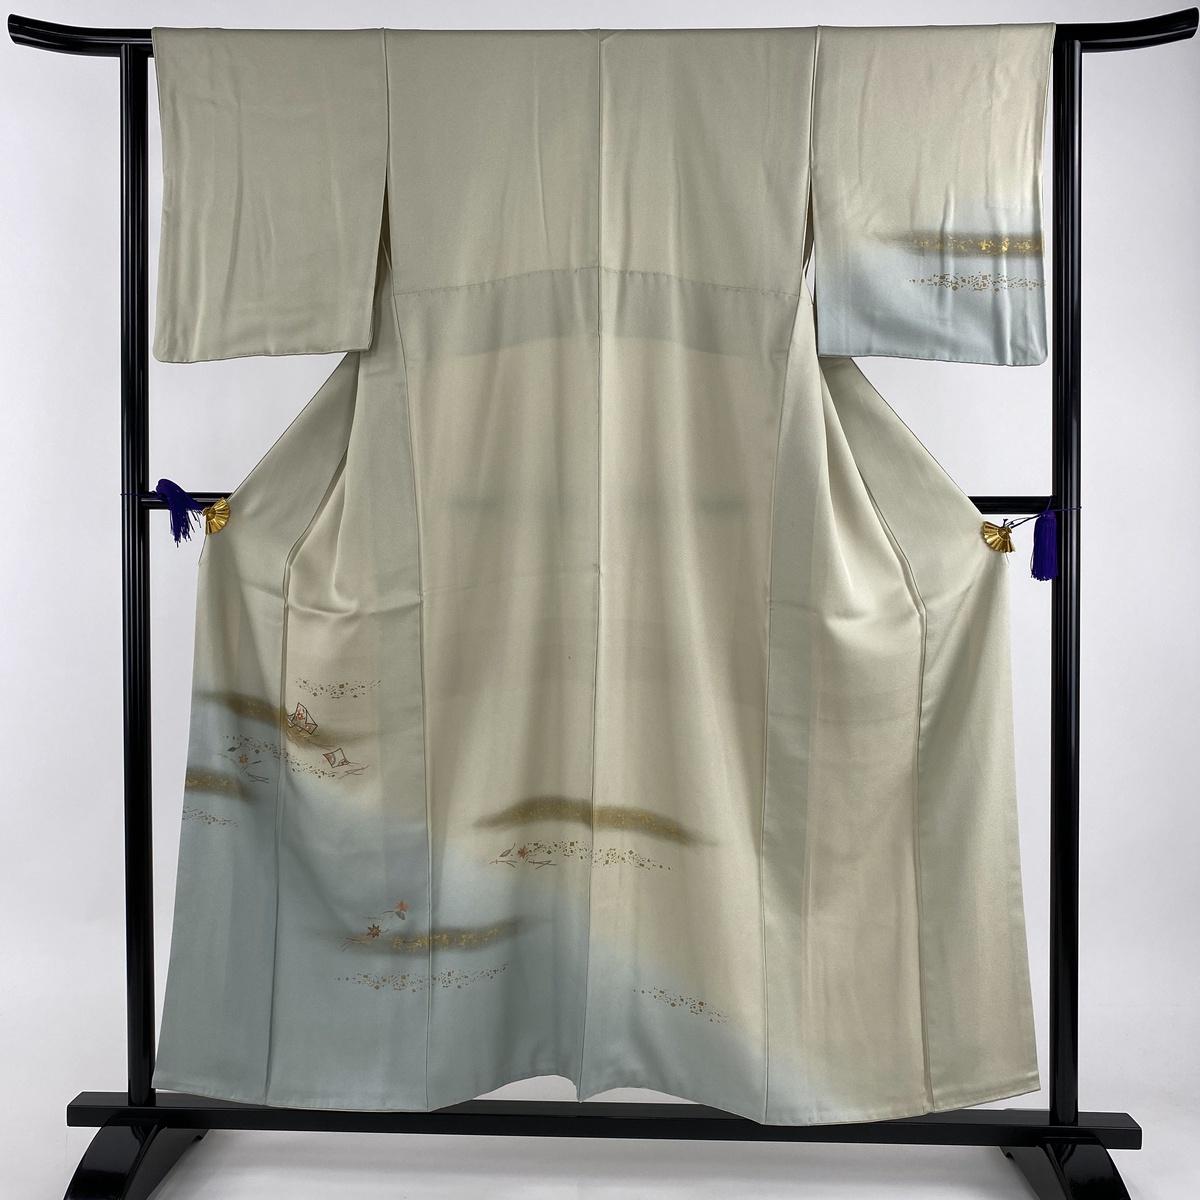 訪問着 秀品 色紙 吹き寄せ 部分刺繍 金糸 薄緑 袷 身丈154.5cm 裄丈62cm S 正絹 【中古】